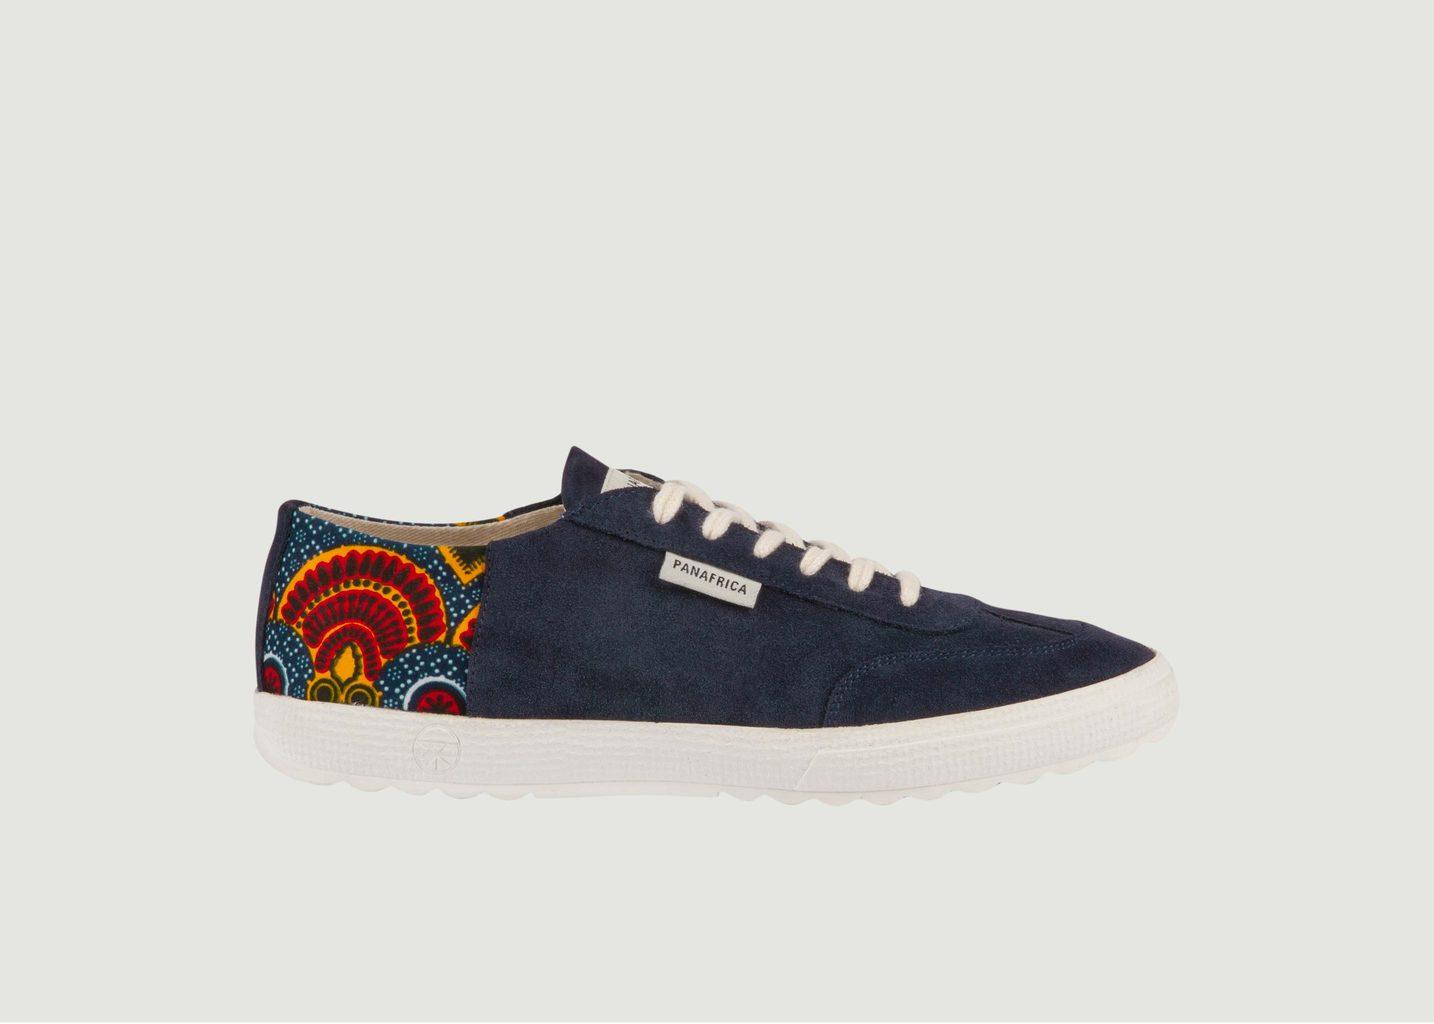 Sneakers Harmattan - Ocean  - Panafrica